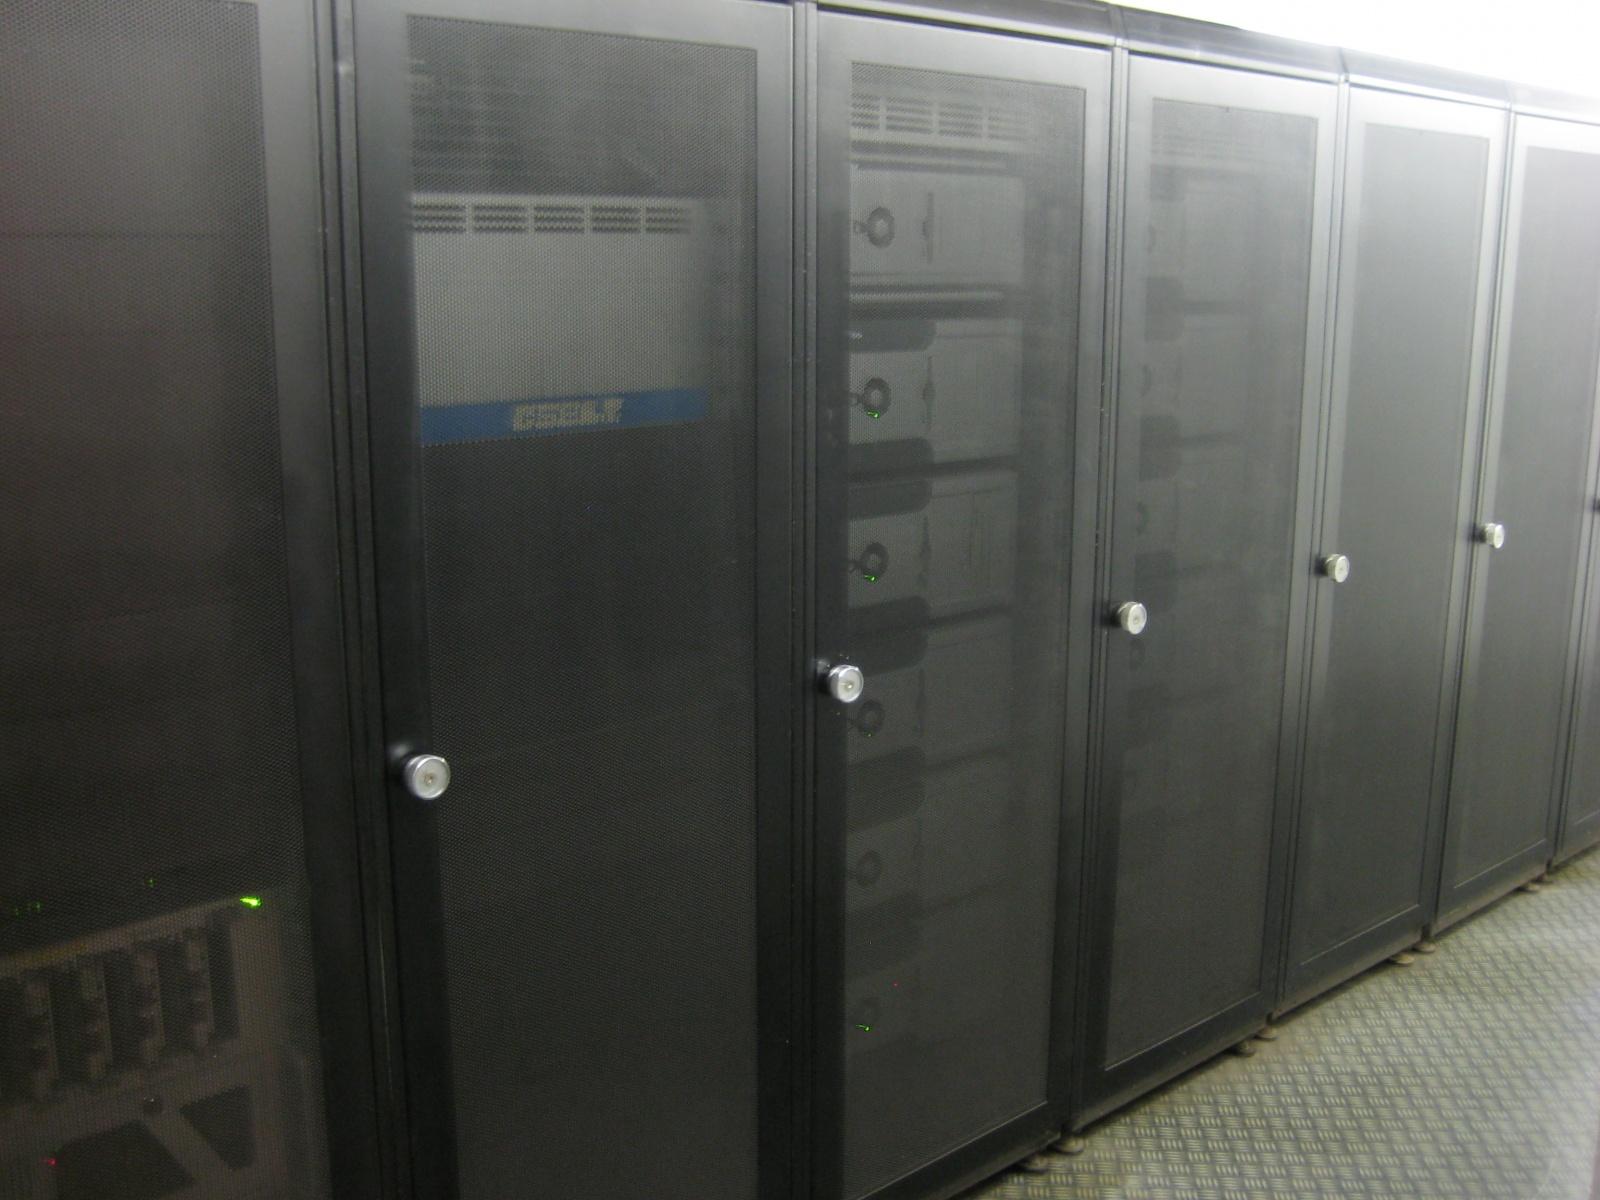 Ядерный бункер в Париже переоборудуют в дата-центр компании online.net - 19